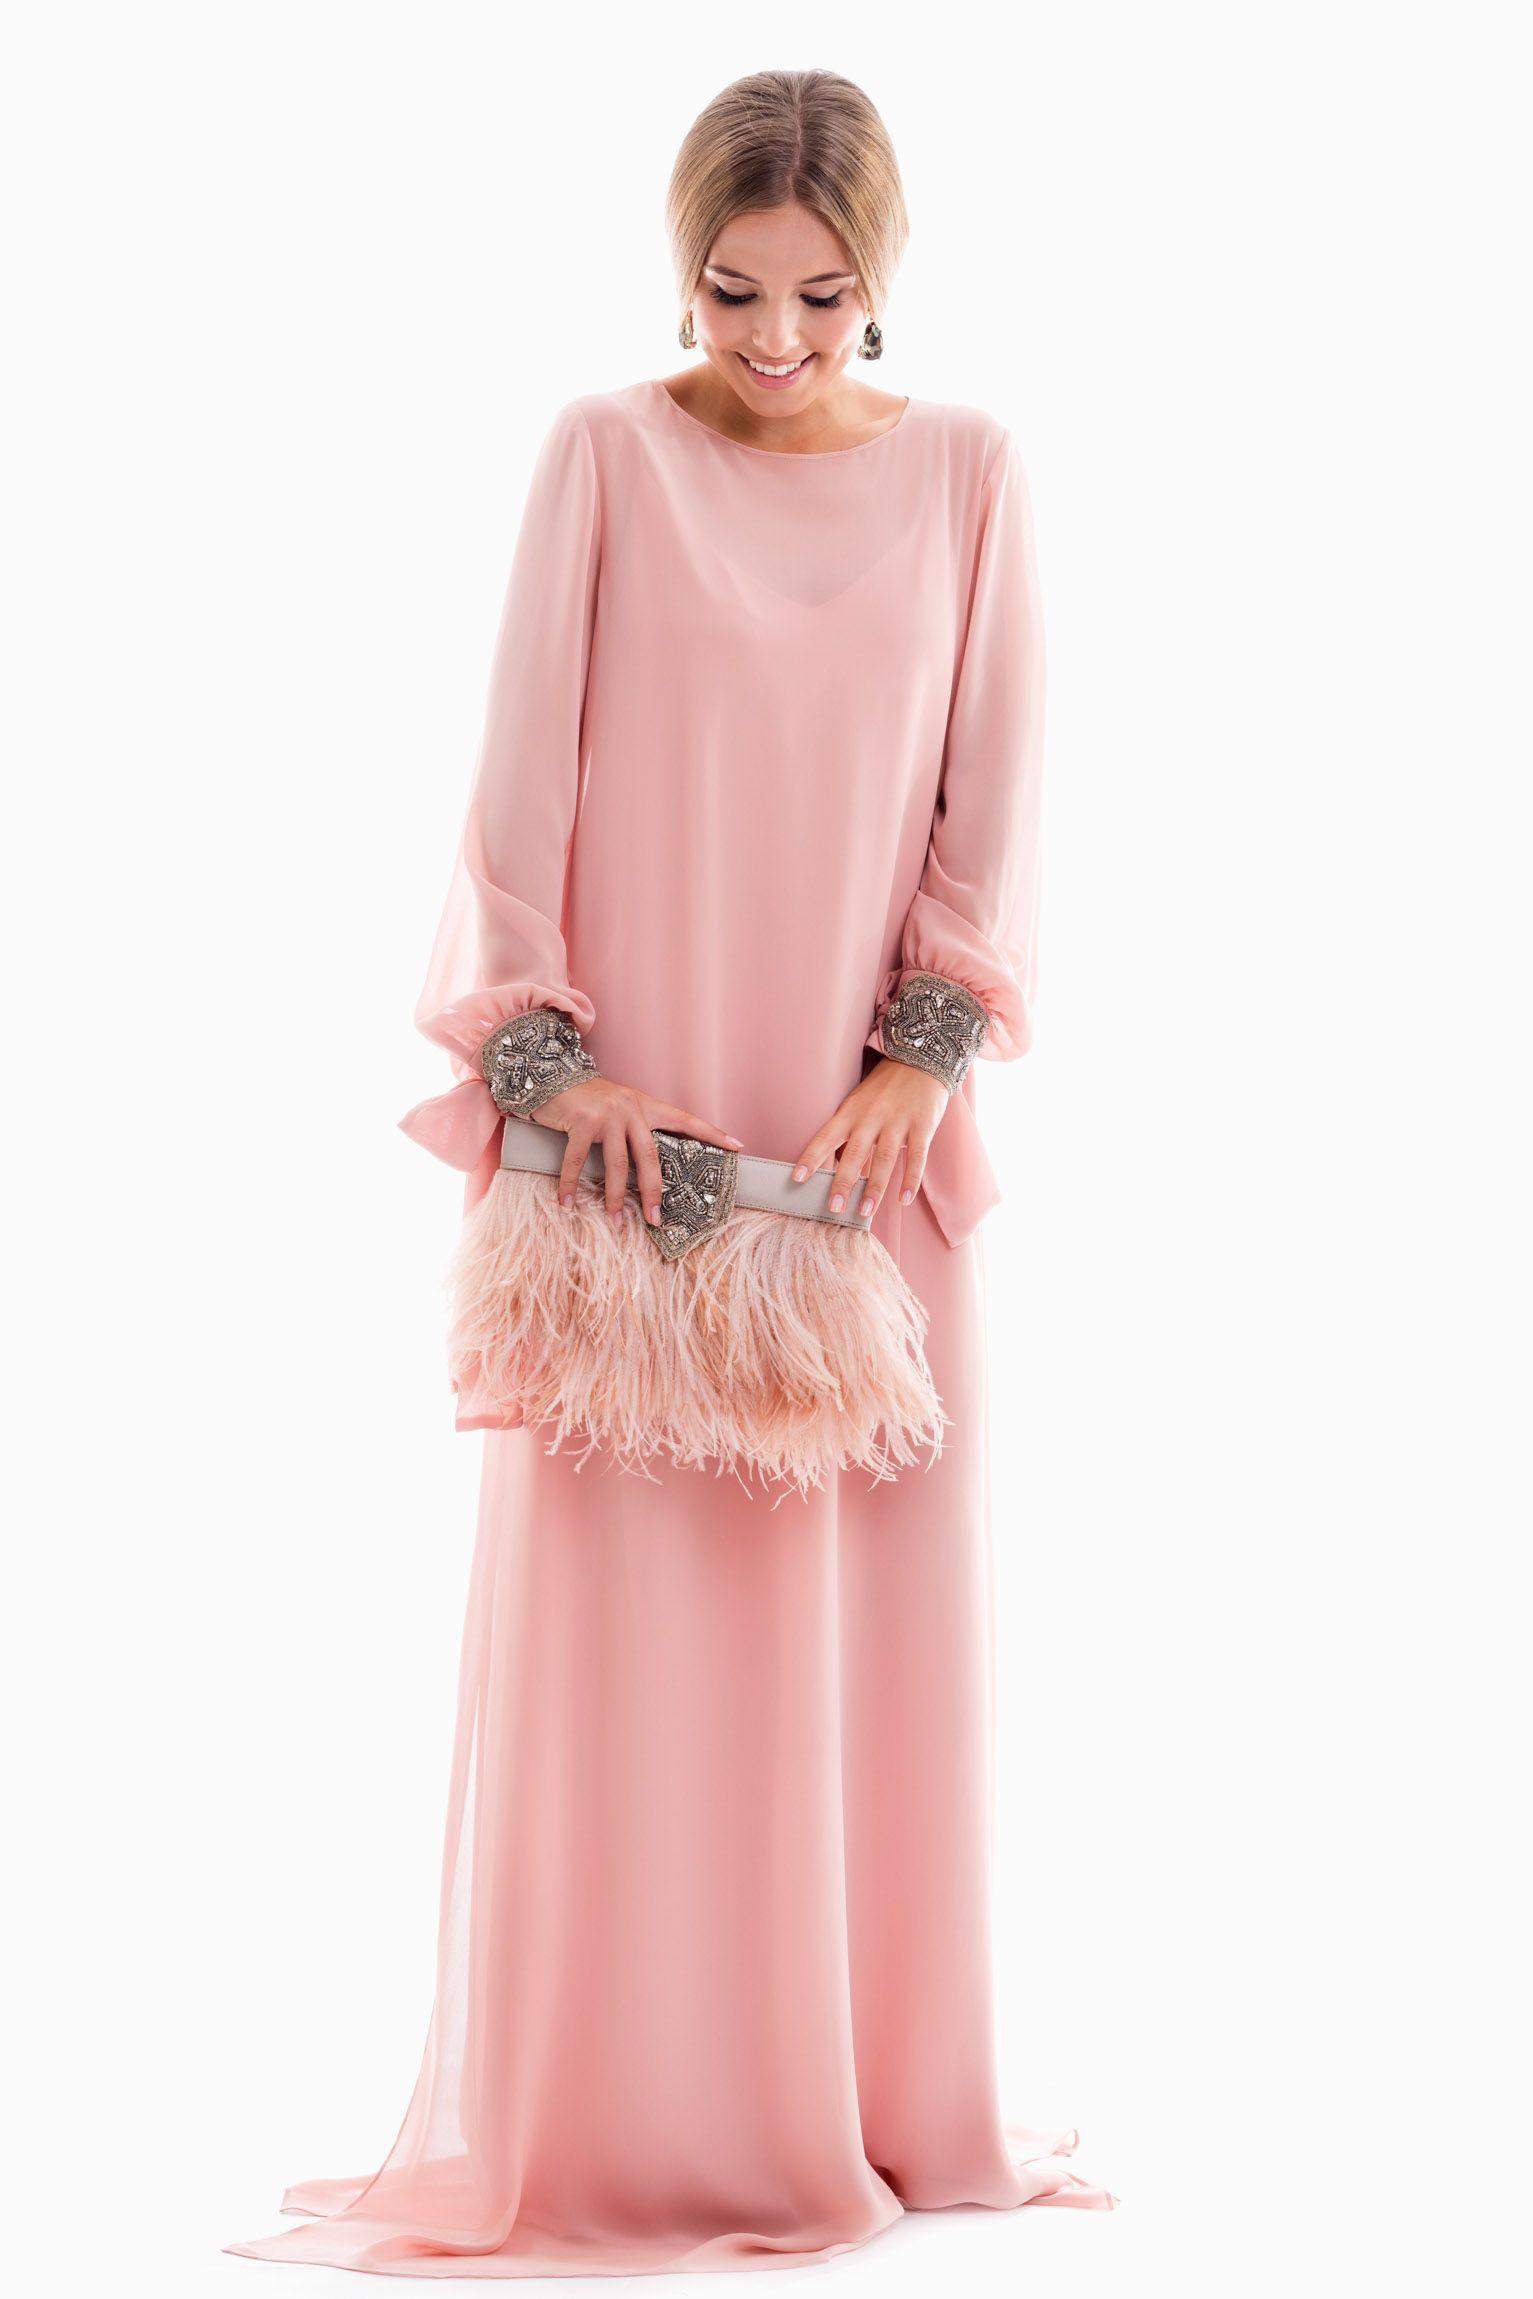 Pin de carmen pedrosa garcia en moda eventos | Pinterest | Vestido ...